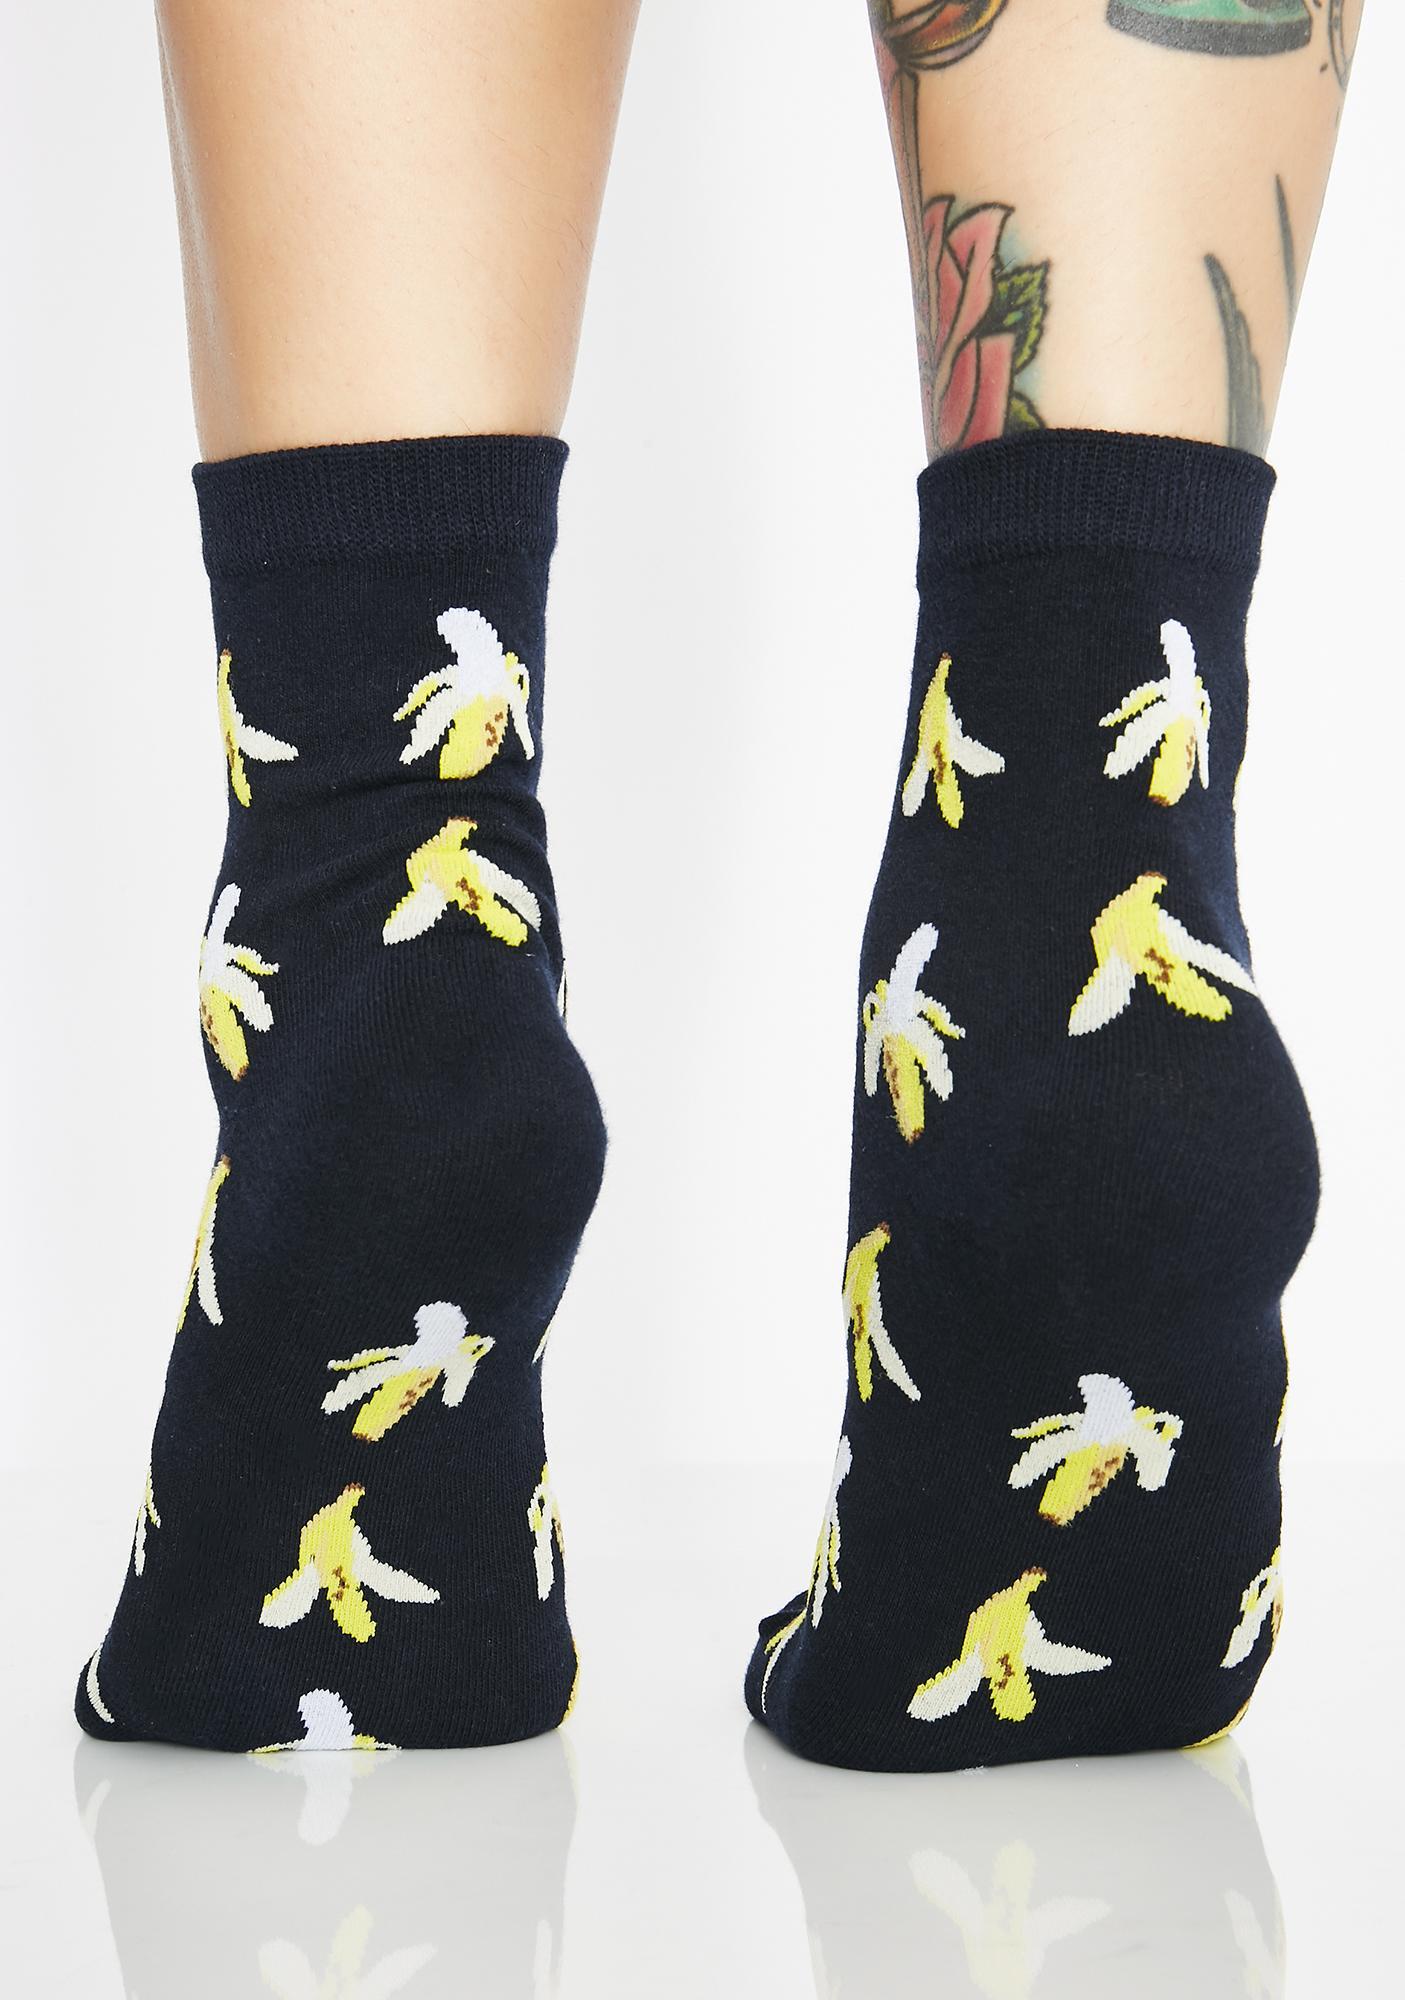 B-A-N-A-N-A-S Knit Socks